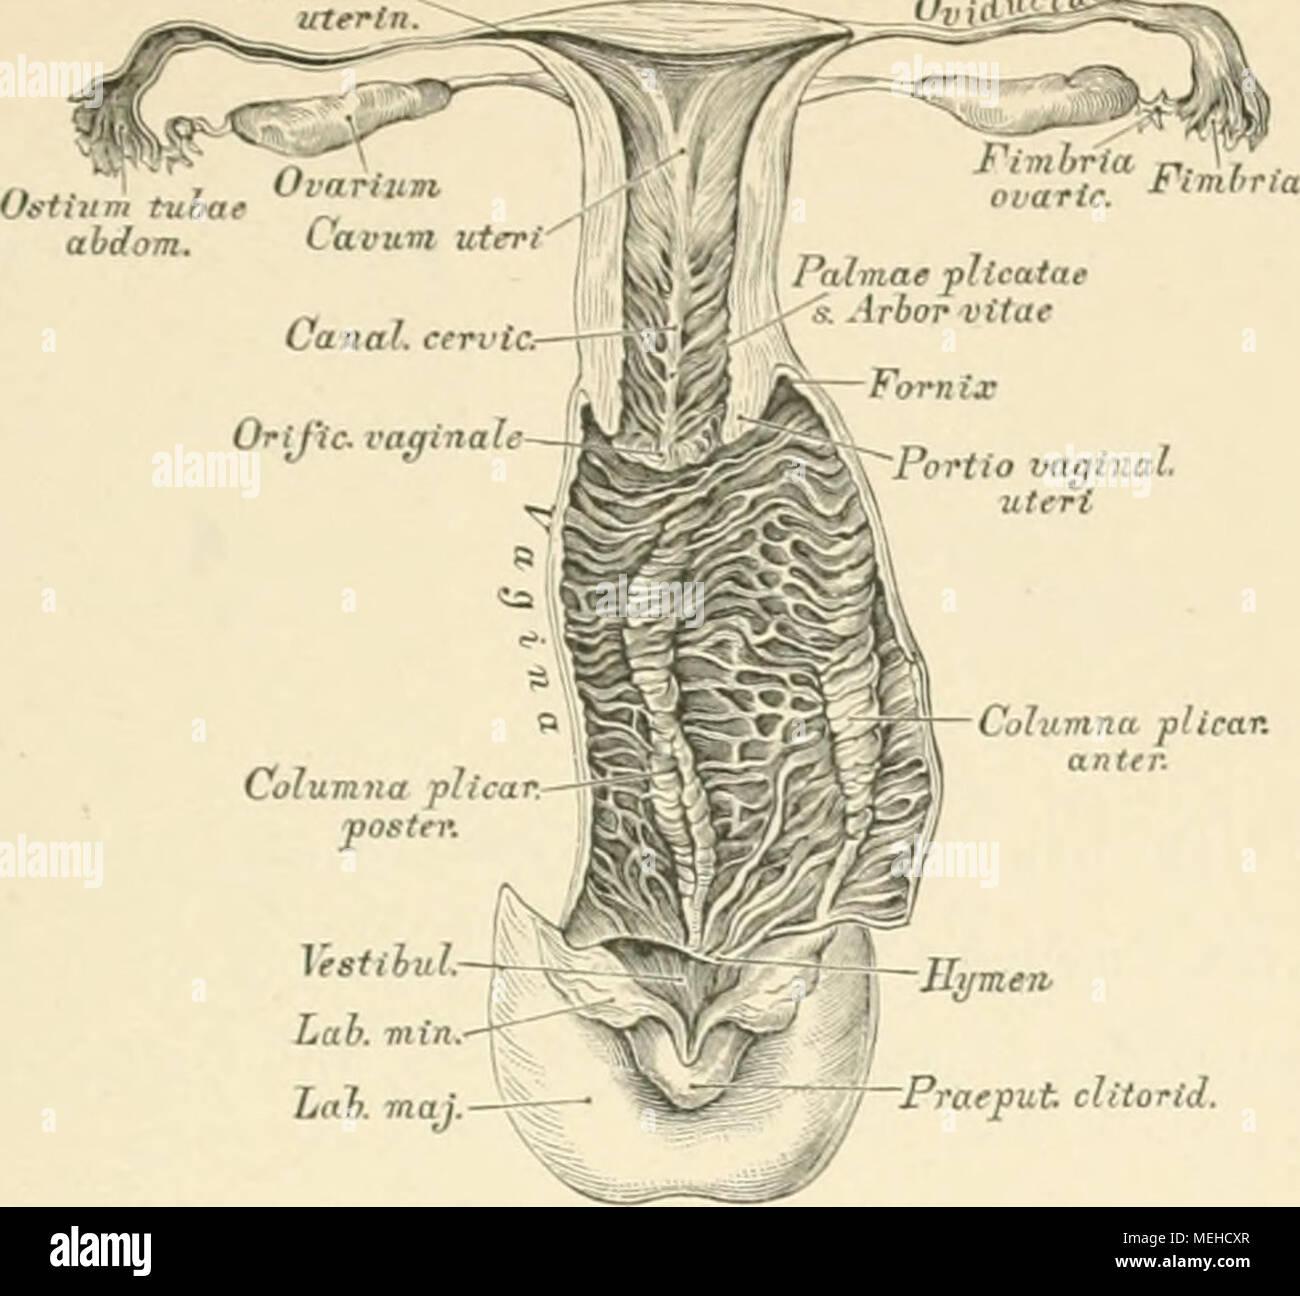 Großzügig Hals Ct Scan Anatomie Bilder - Menschliche Anatomie Bilder ...